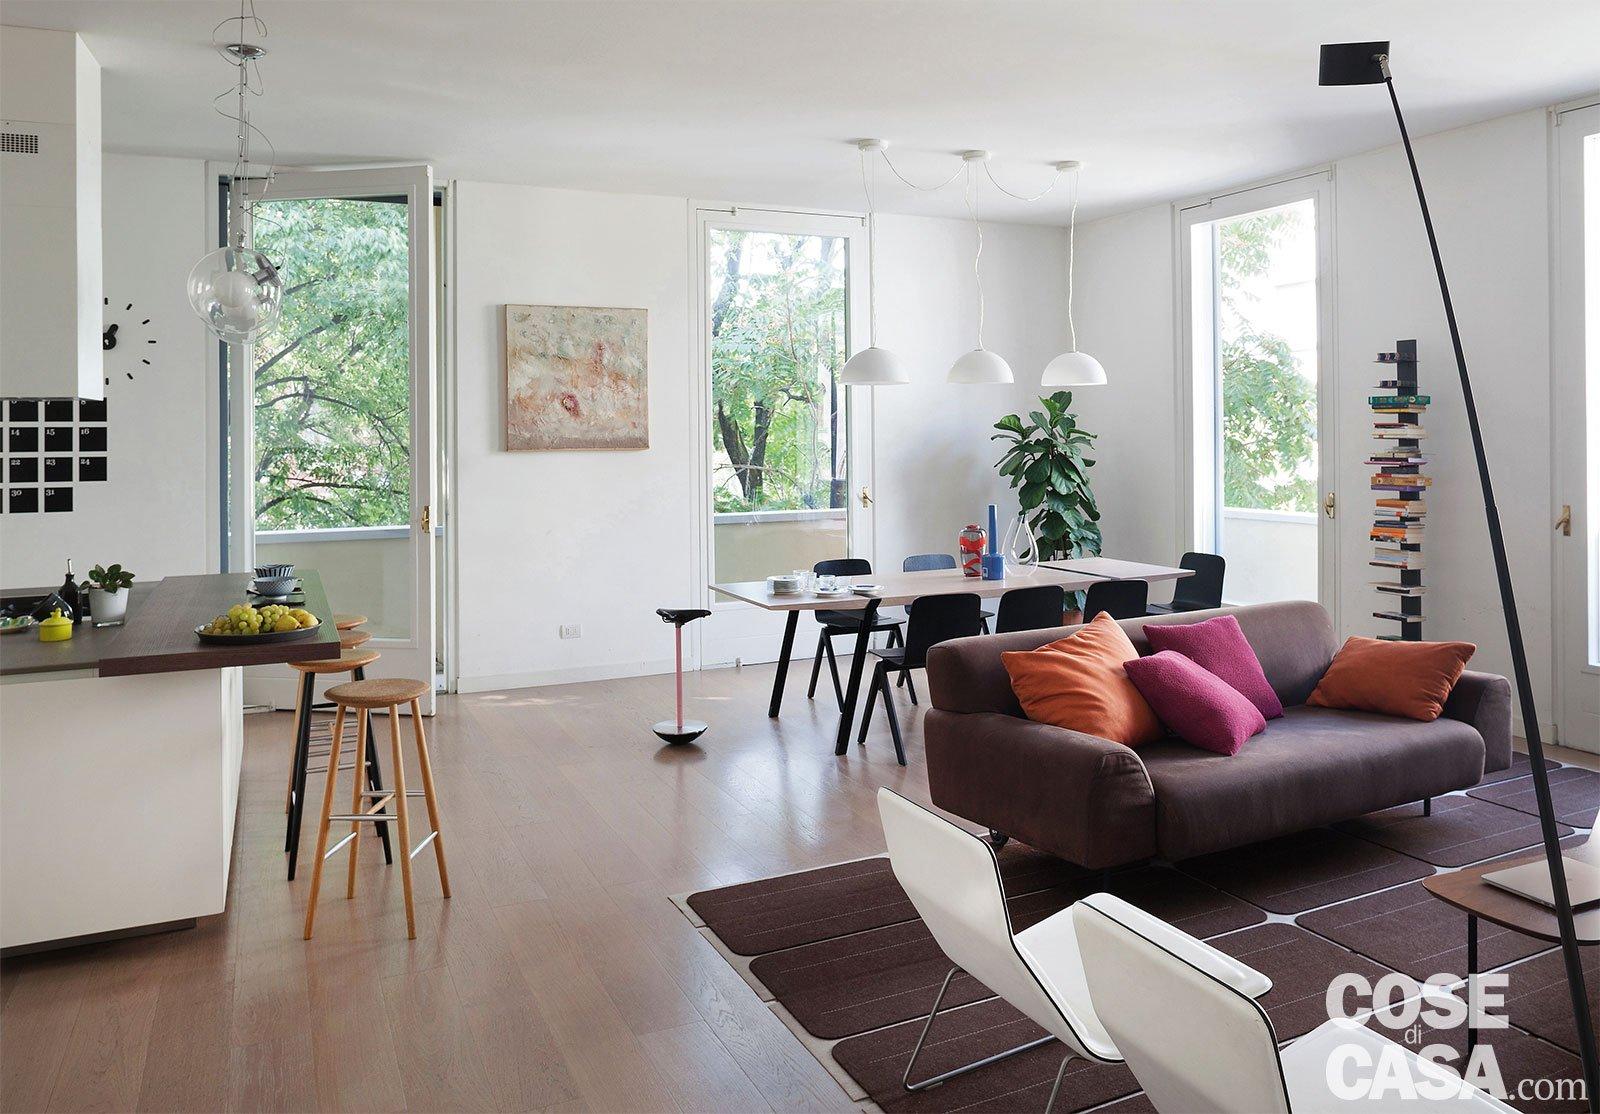 Bagno In Camera Con Vetrata : Una casa con il soggiorno open space che diventa più grande e un